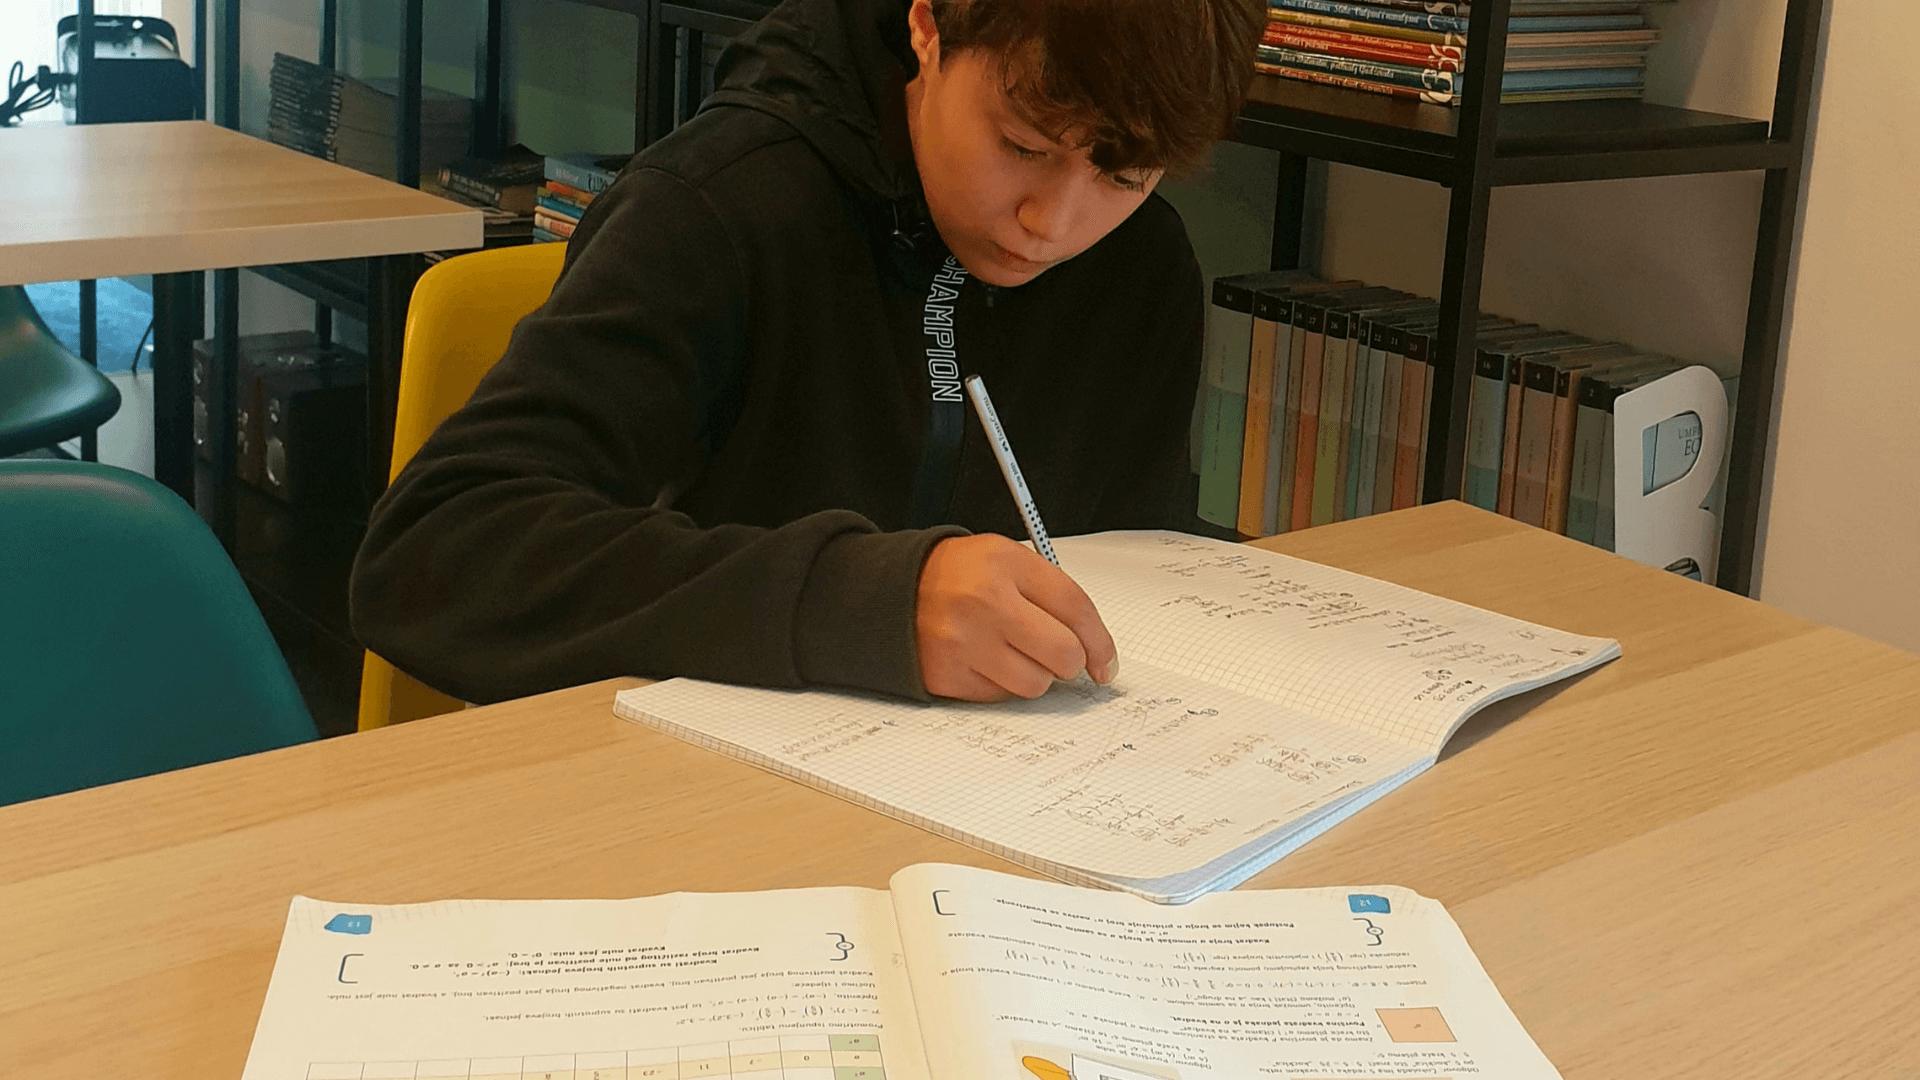 Obrnuta učionica - Poduke - Online instrukcije